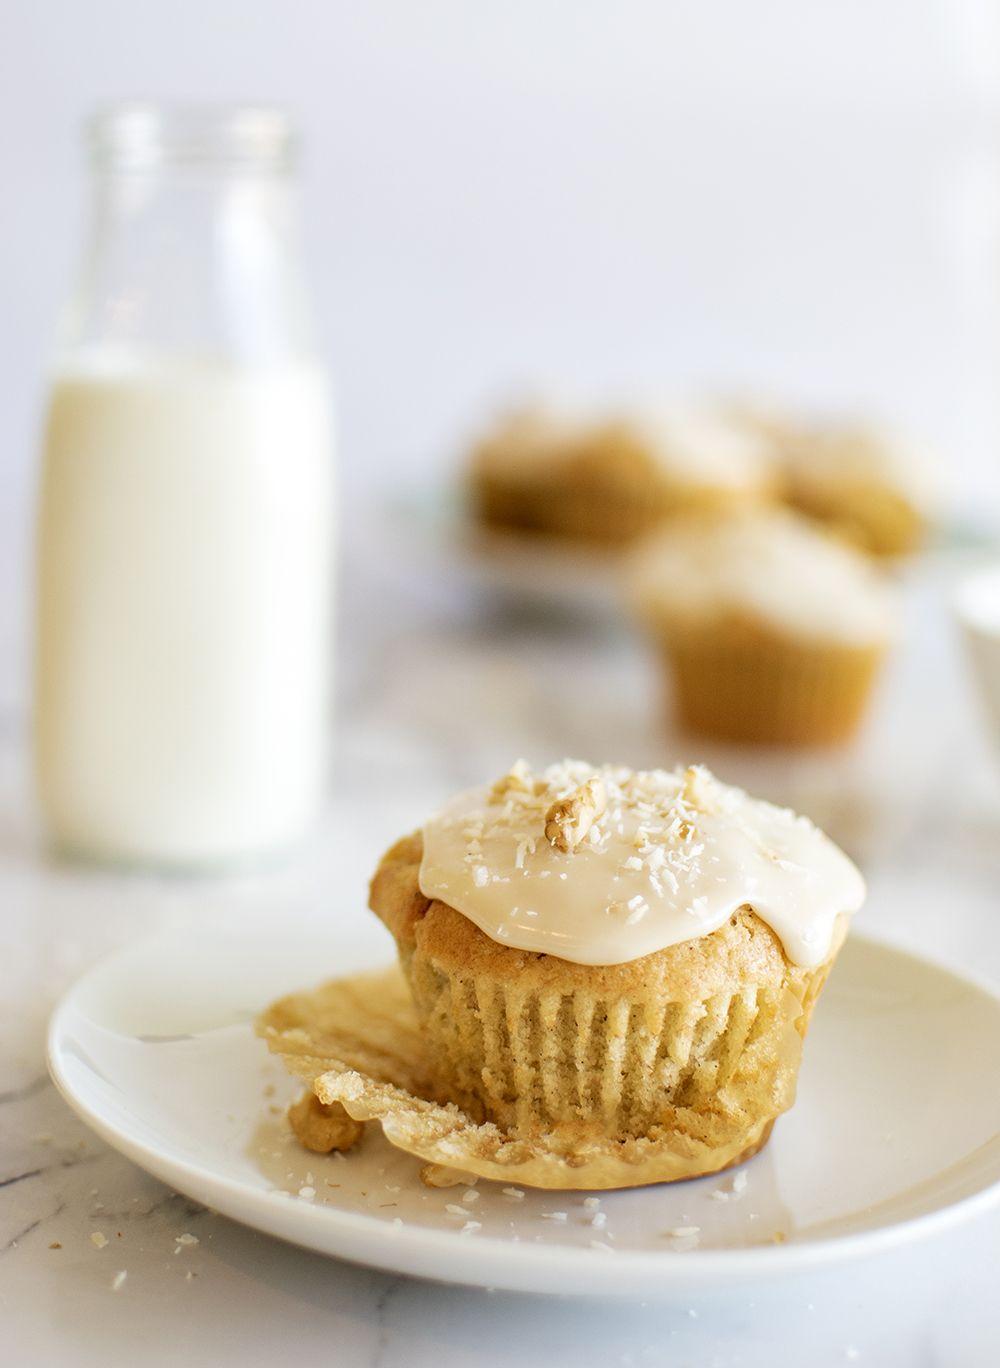 Cardamom Muffins with Honey Glaze